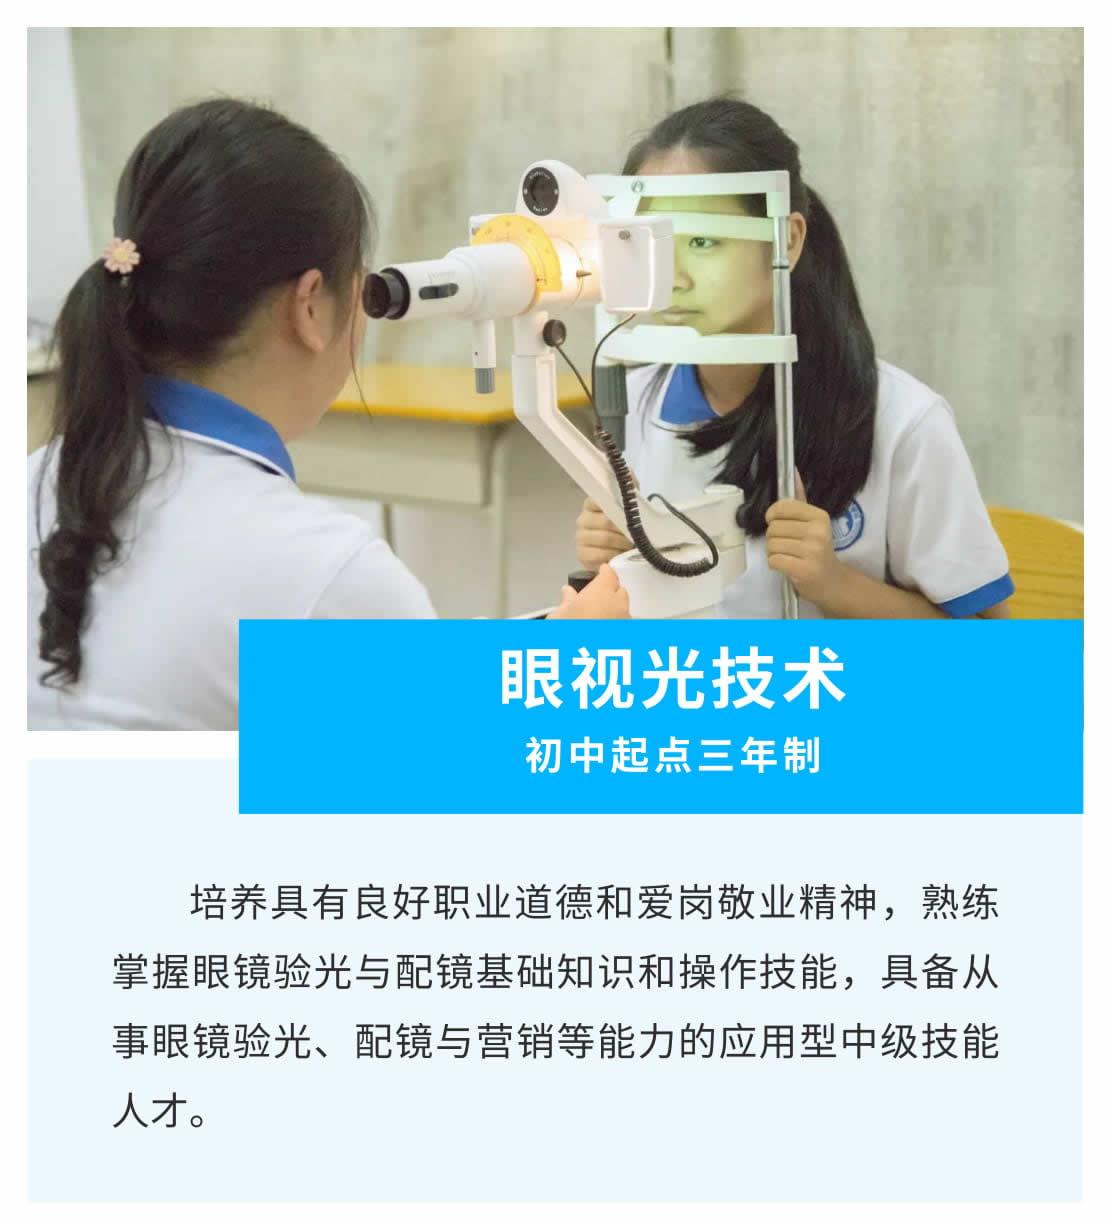 眼视光技术(初中起点三年制)-1_r1_c1.jpg